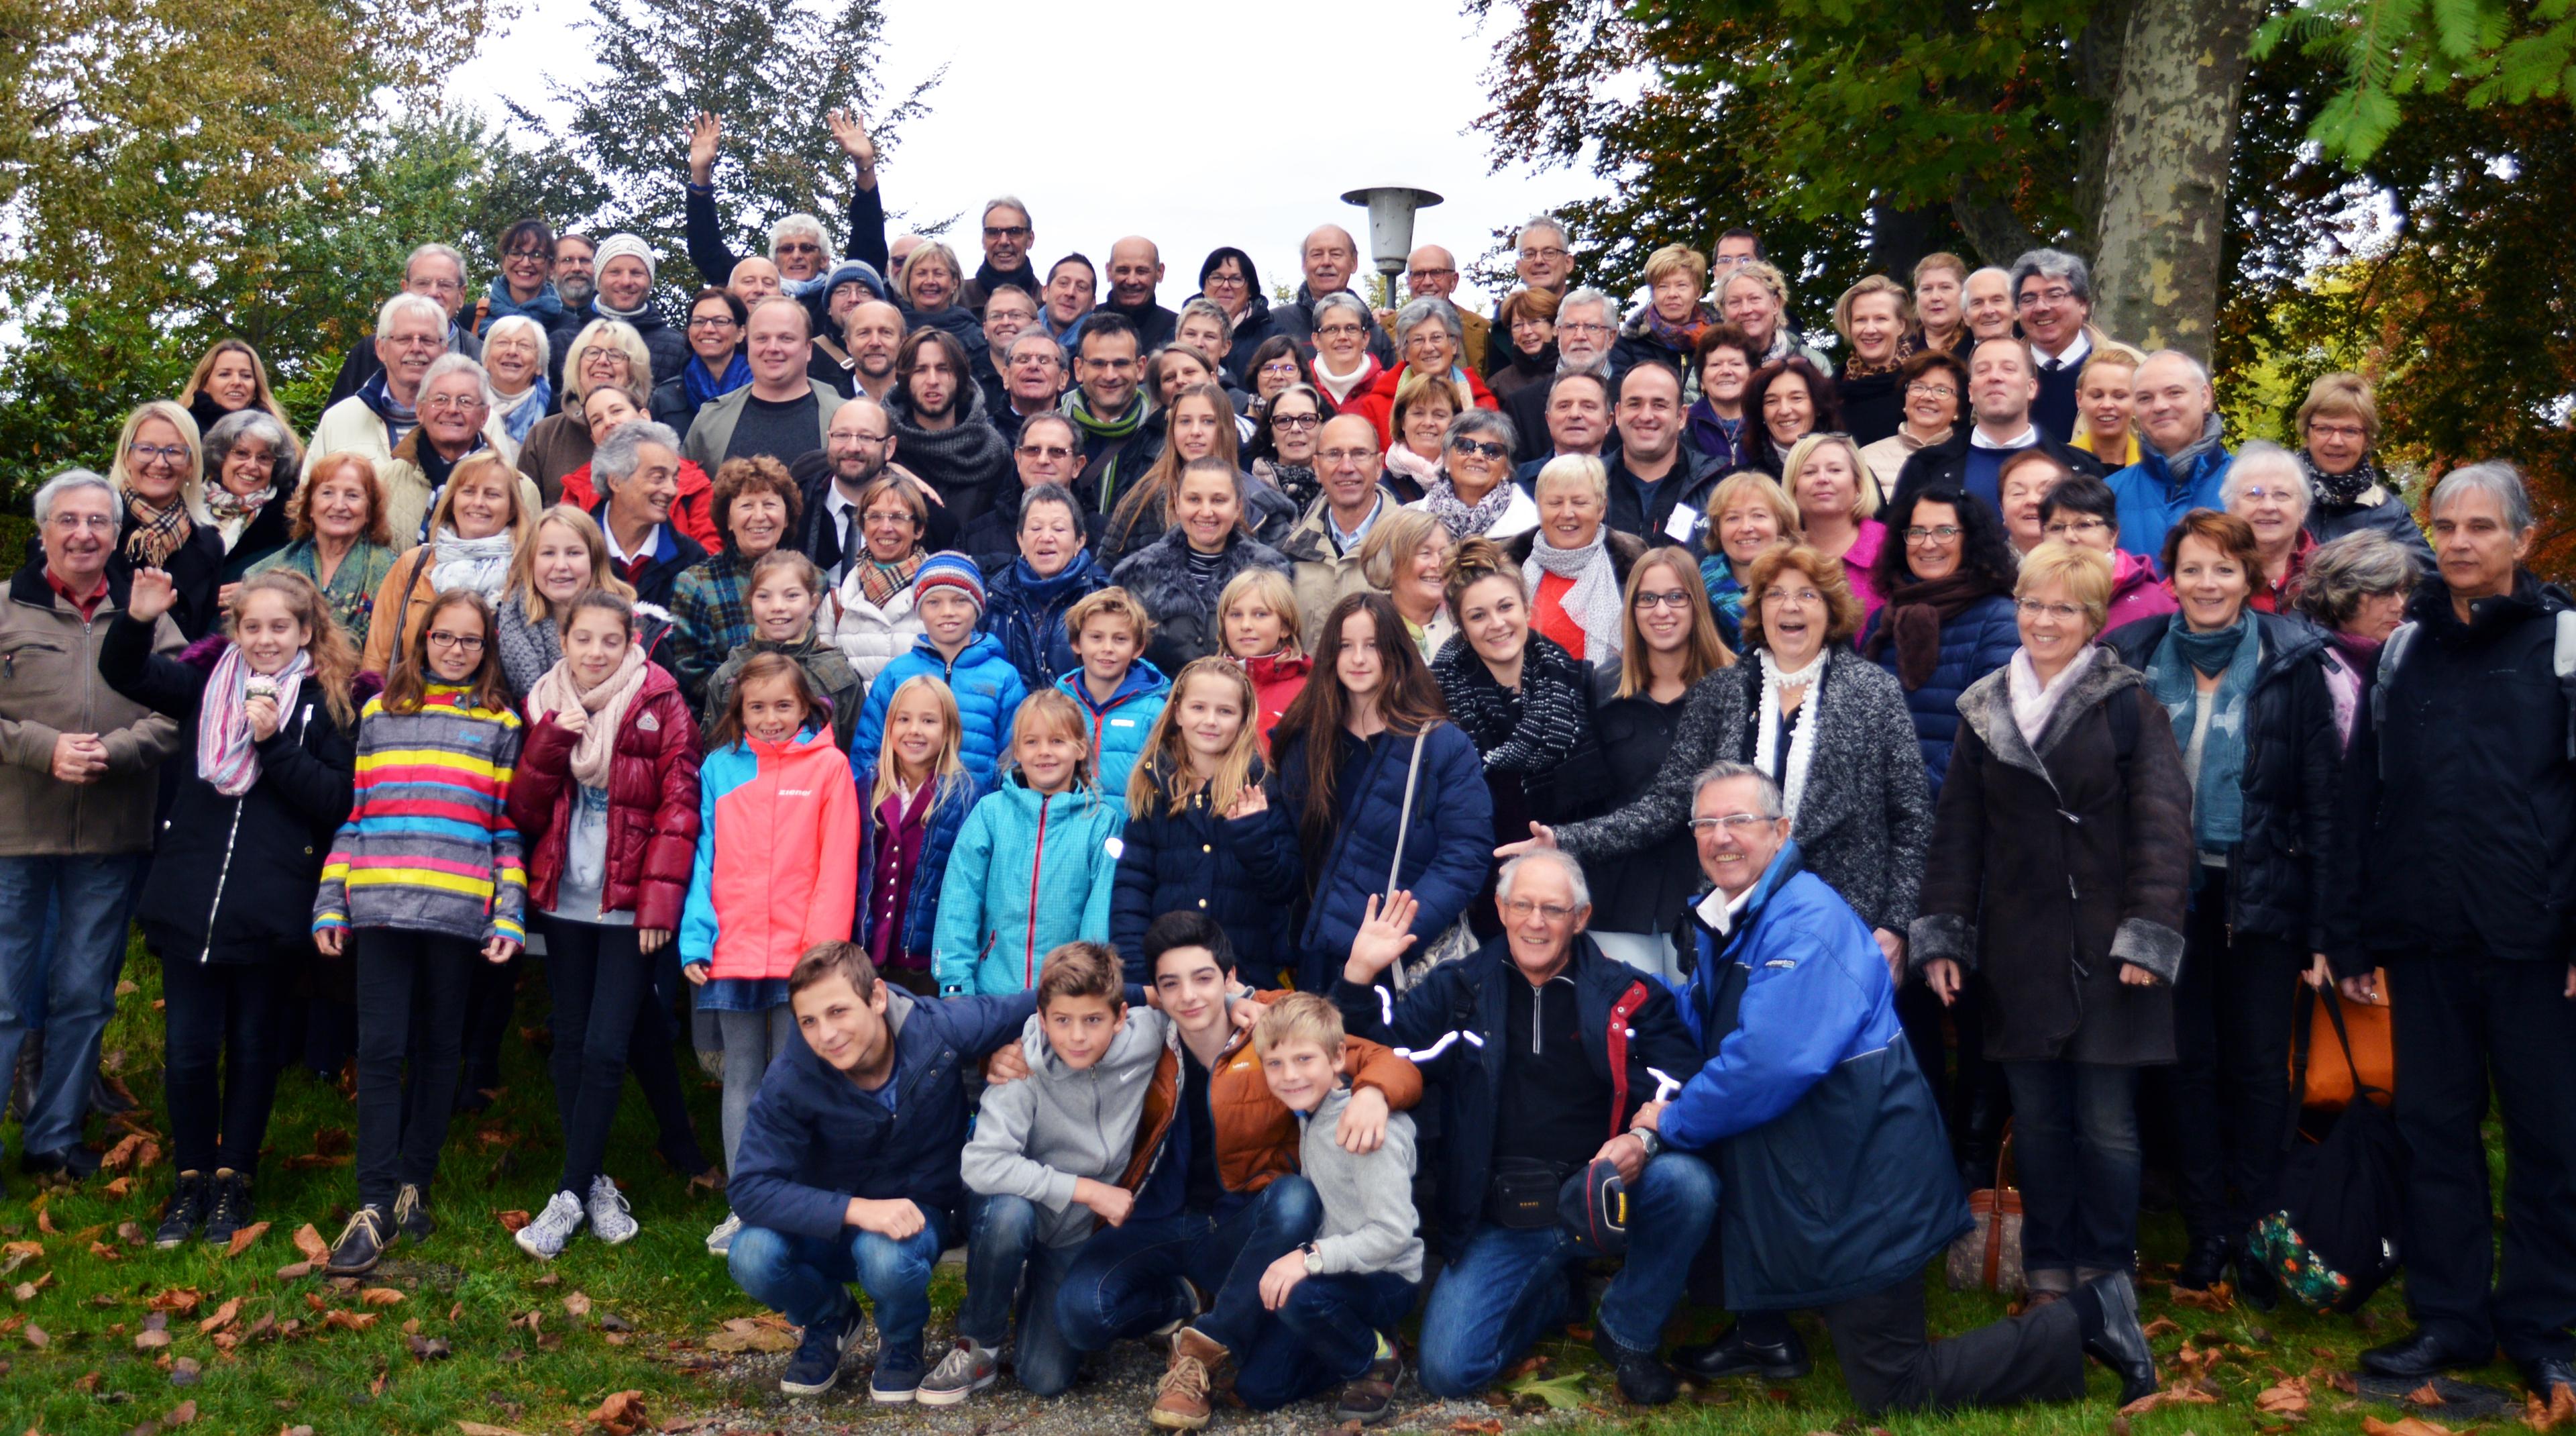 25 ans de jumelage - BLR Langenargen